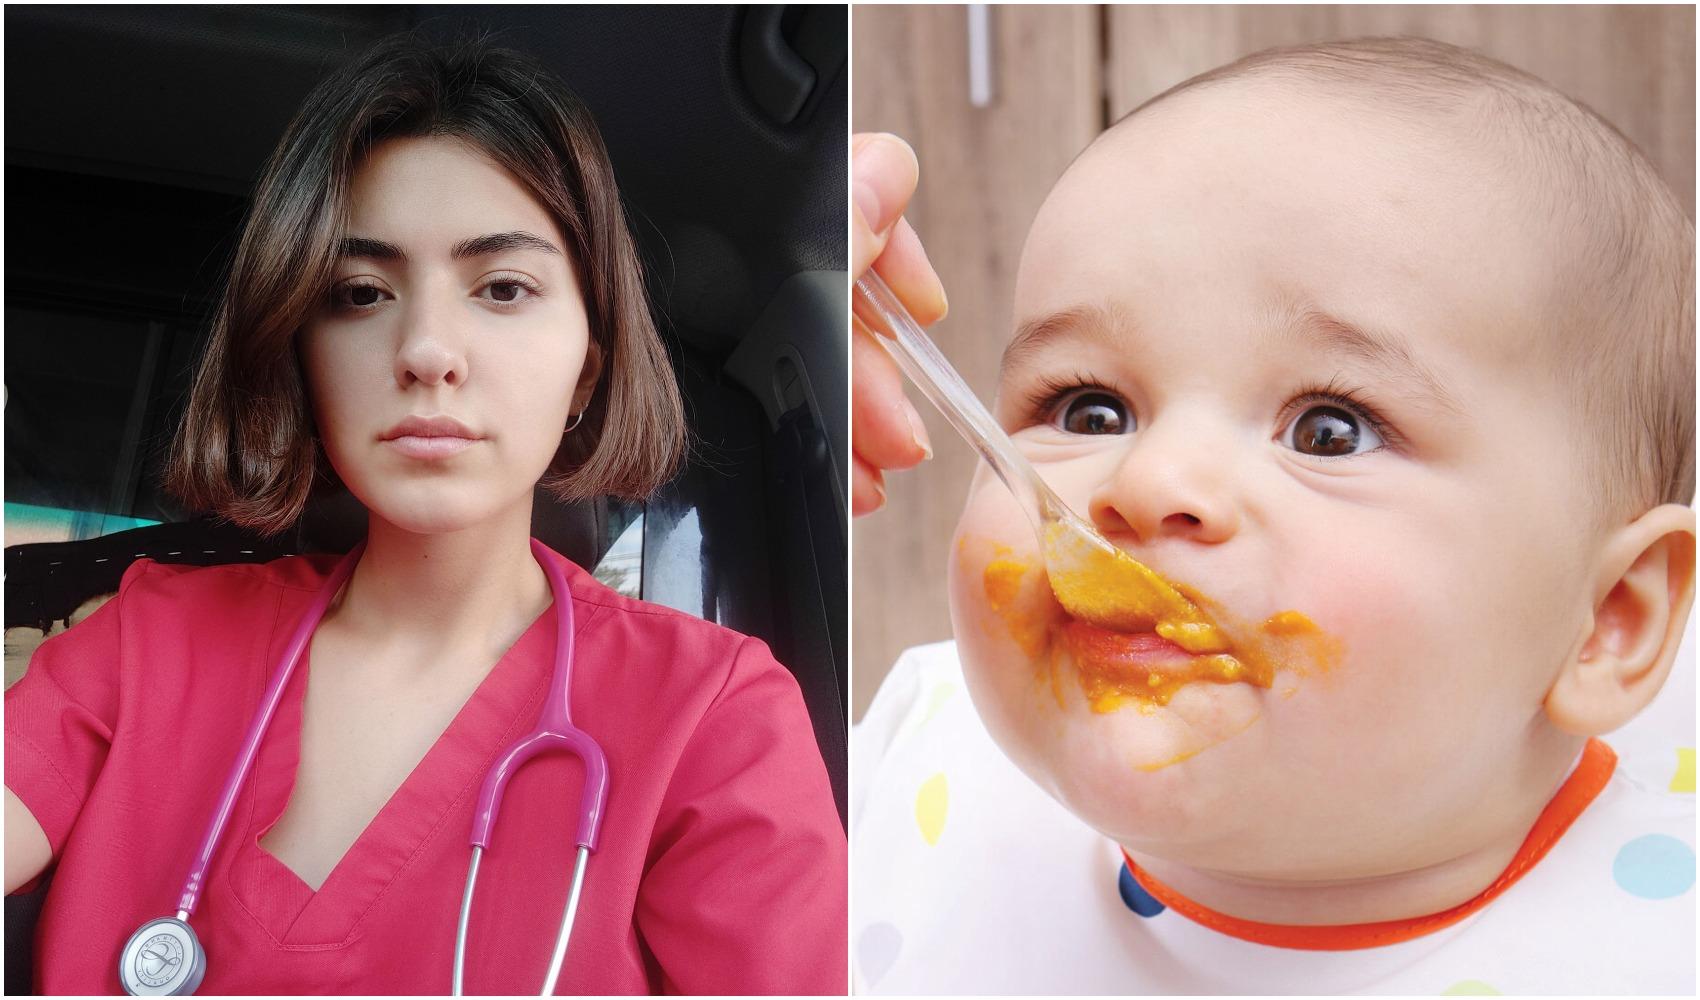 """""""მშობლებს ვურჩევ, ჩვილის კვება დაიწყონ ბოსტნეულის ფაფებით, რადგან, როცა ხილის ფაფებით იწყებენ, შემდეგ ბოსტნეულს ვეღარ იღებენ ხოლმე"""""""